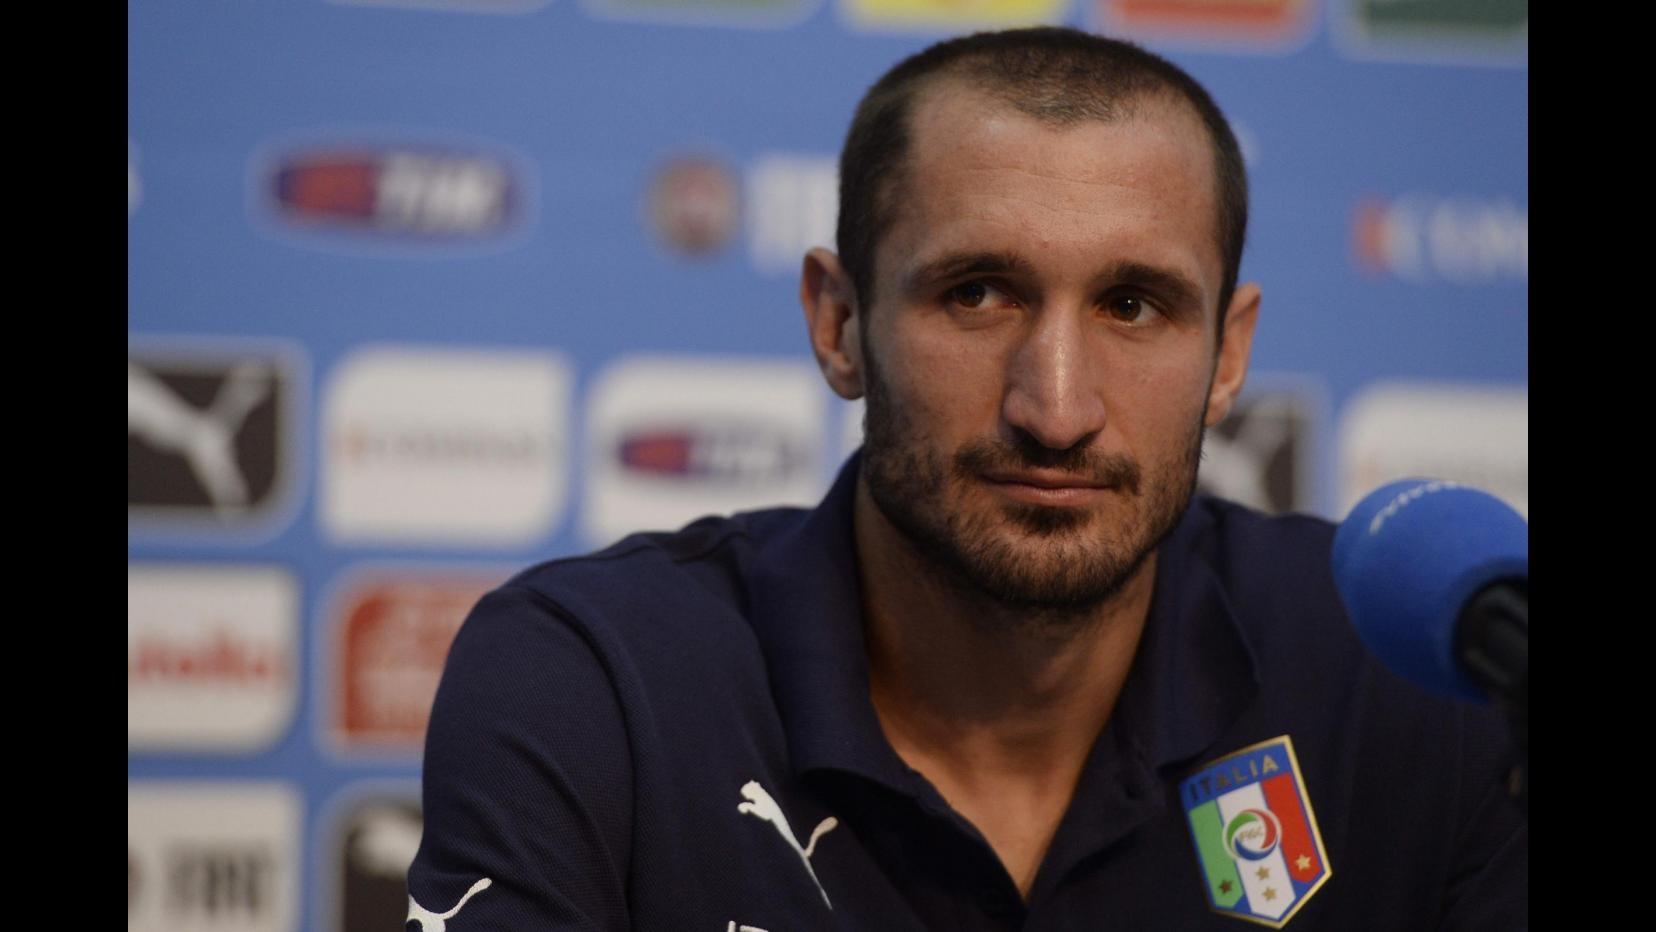 Mondiali 2014, Chiellini: Vincere sempre difficile, difesa da migliorare